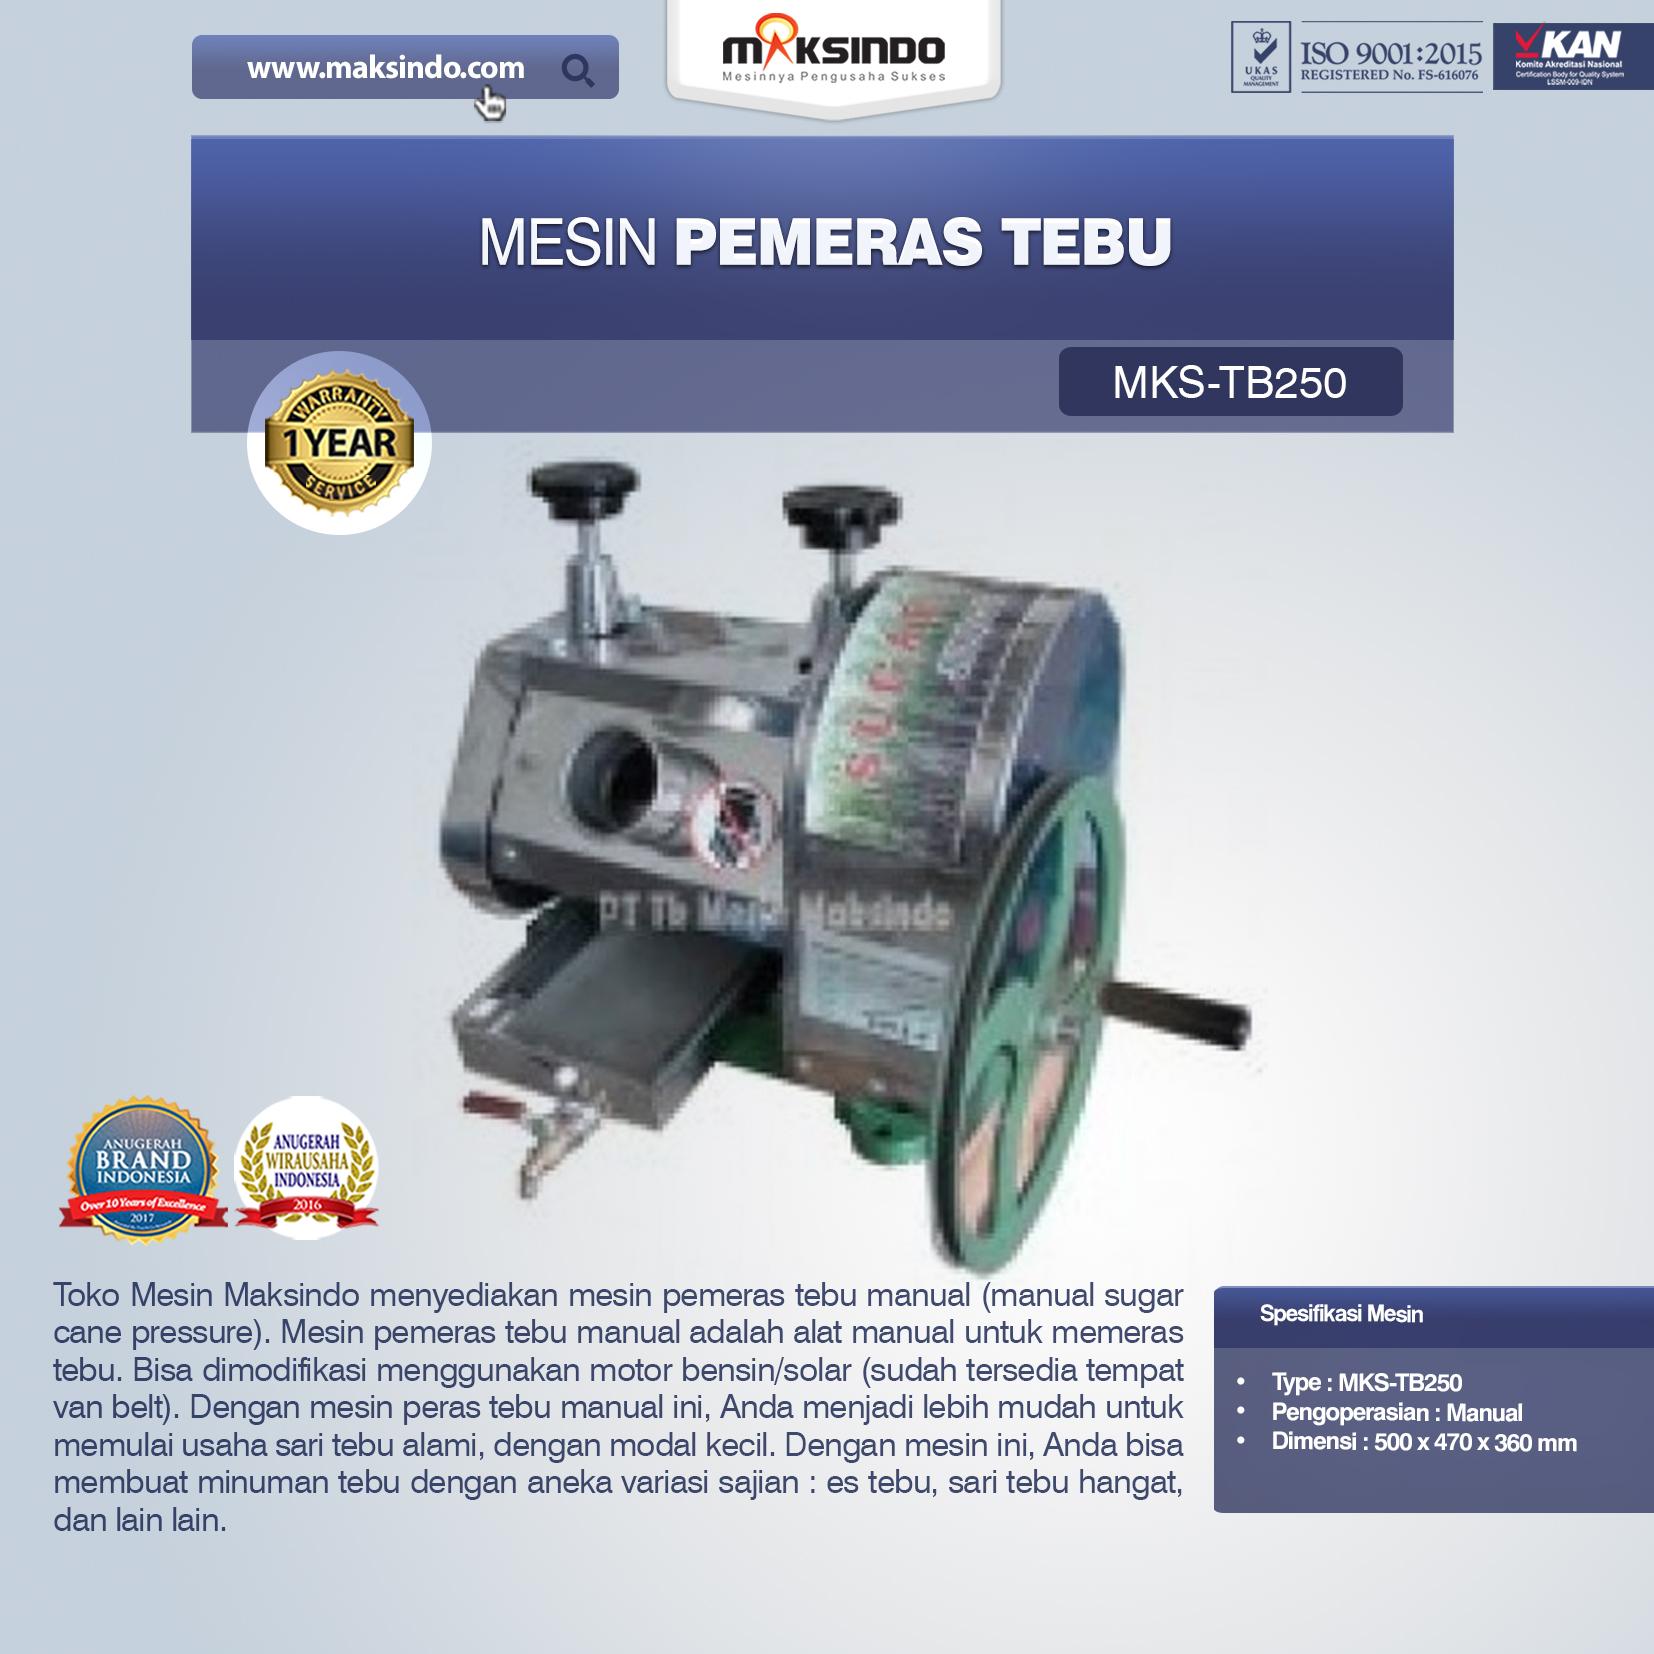 Jual Mesin Pemeras Tebu (Giling Tebu) di Malang